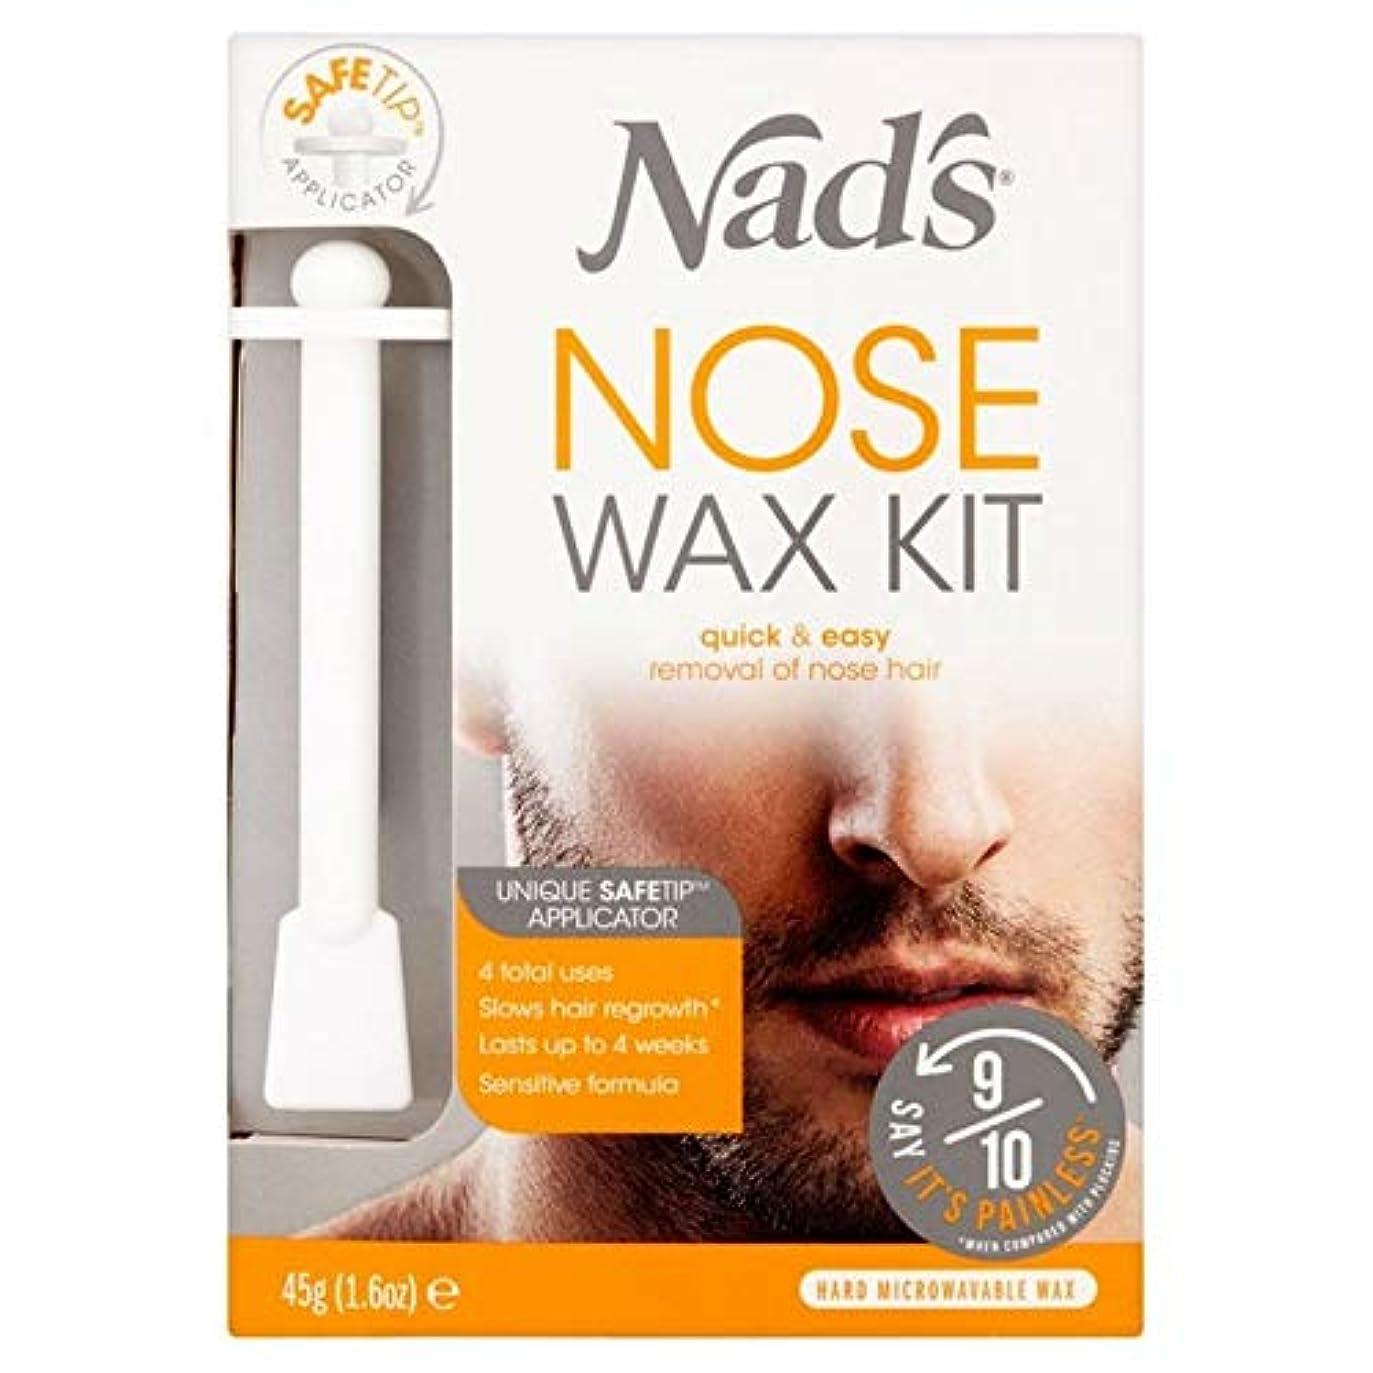 入り口連続的アヒル[Nad's] Nadの鼻ワックスキット45グラム - Nad's Nose Wax Kit 45g [並行輸入品]